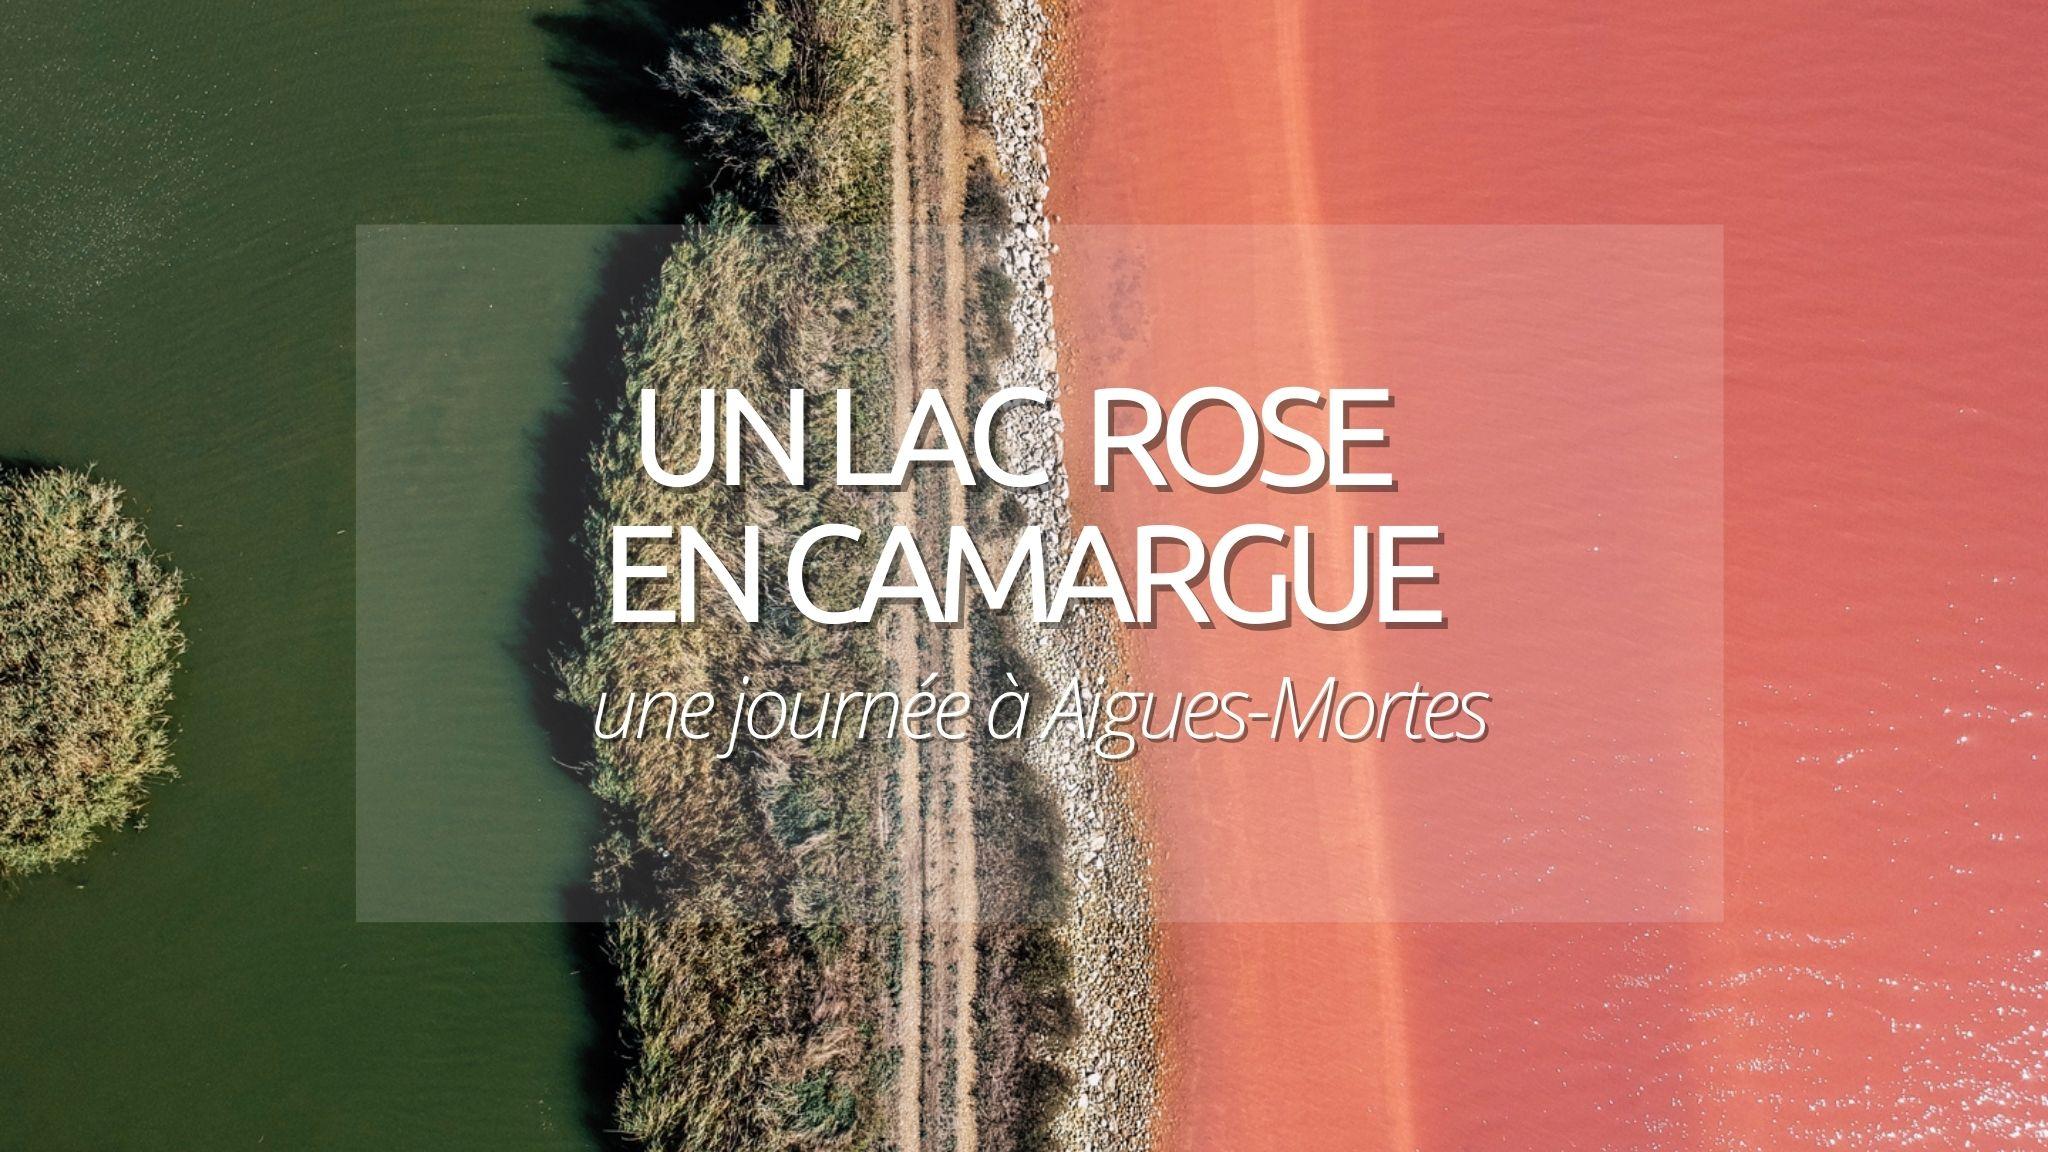 Découverte curieuse : Aigues-Mortes et son lac rose en Camargue